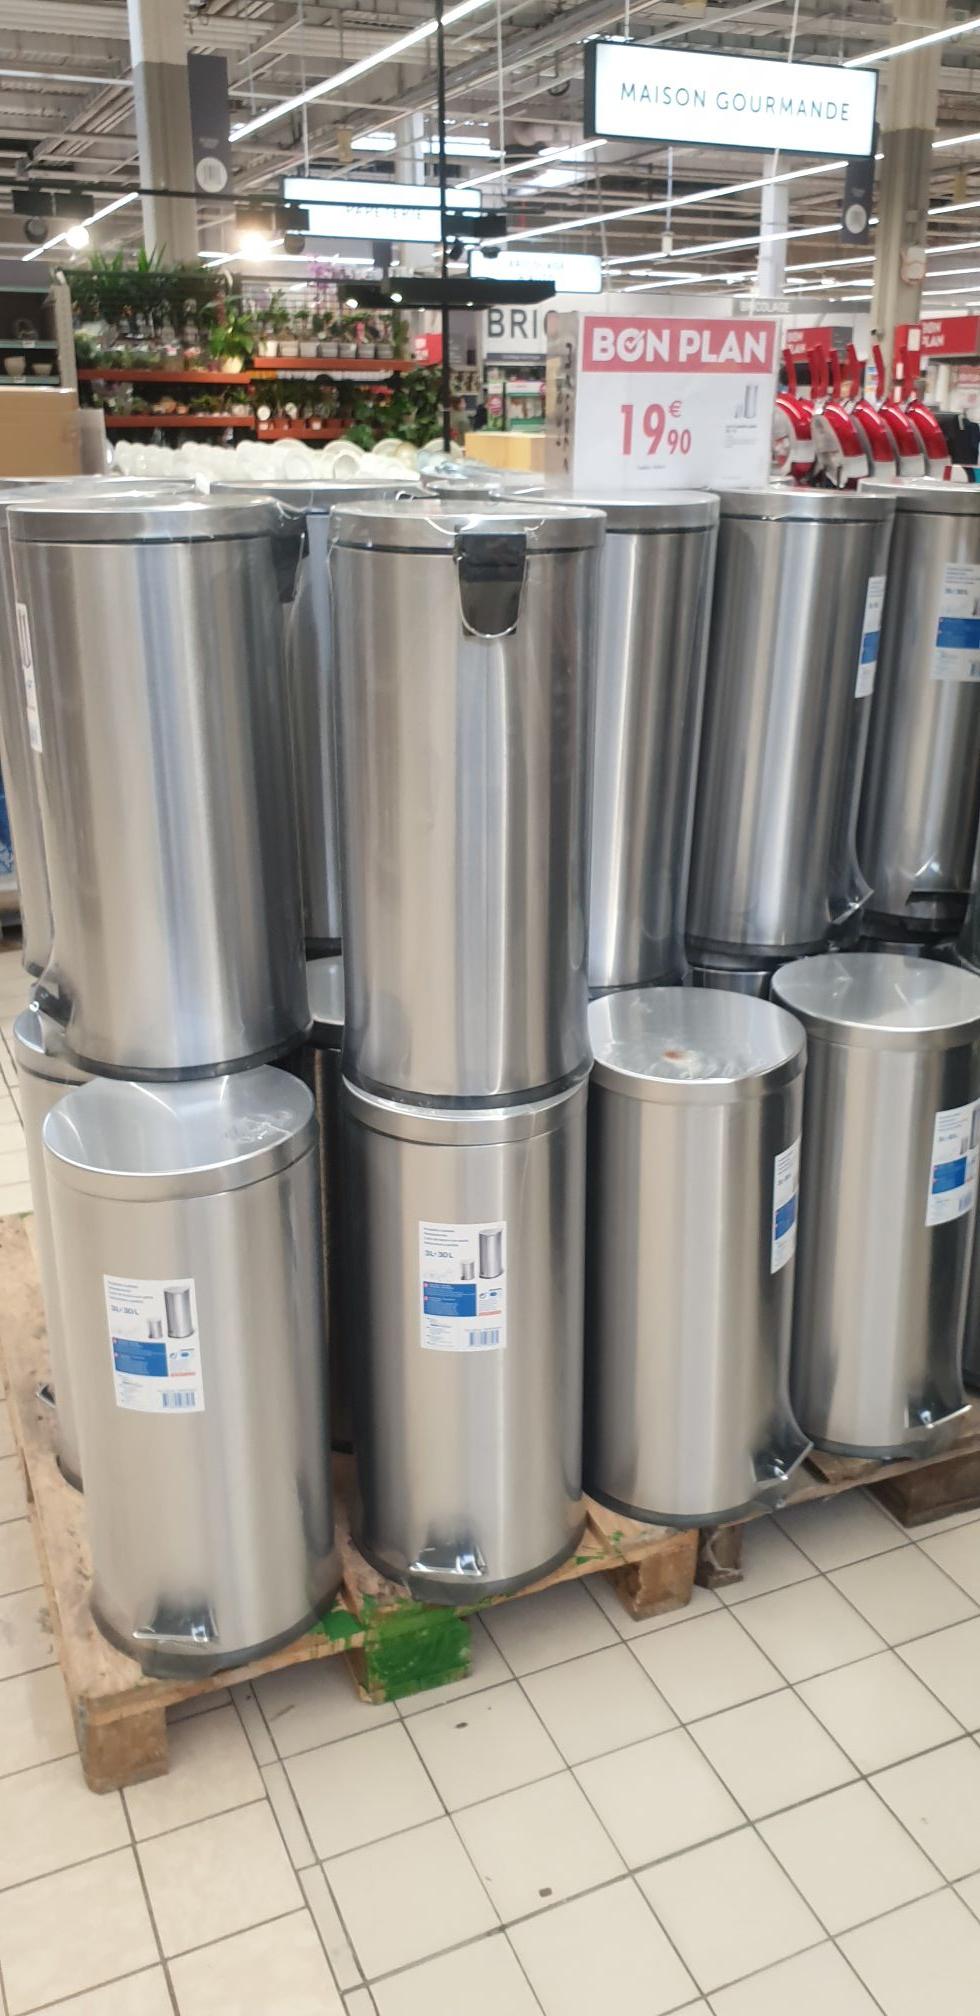 Lot de 2 poubelles à pédale en inox (30L + 3L) - Aulnay-Sous-Bois (93)